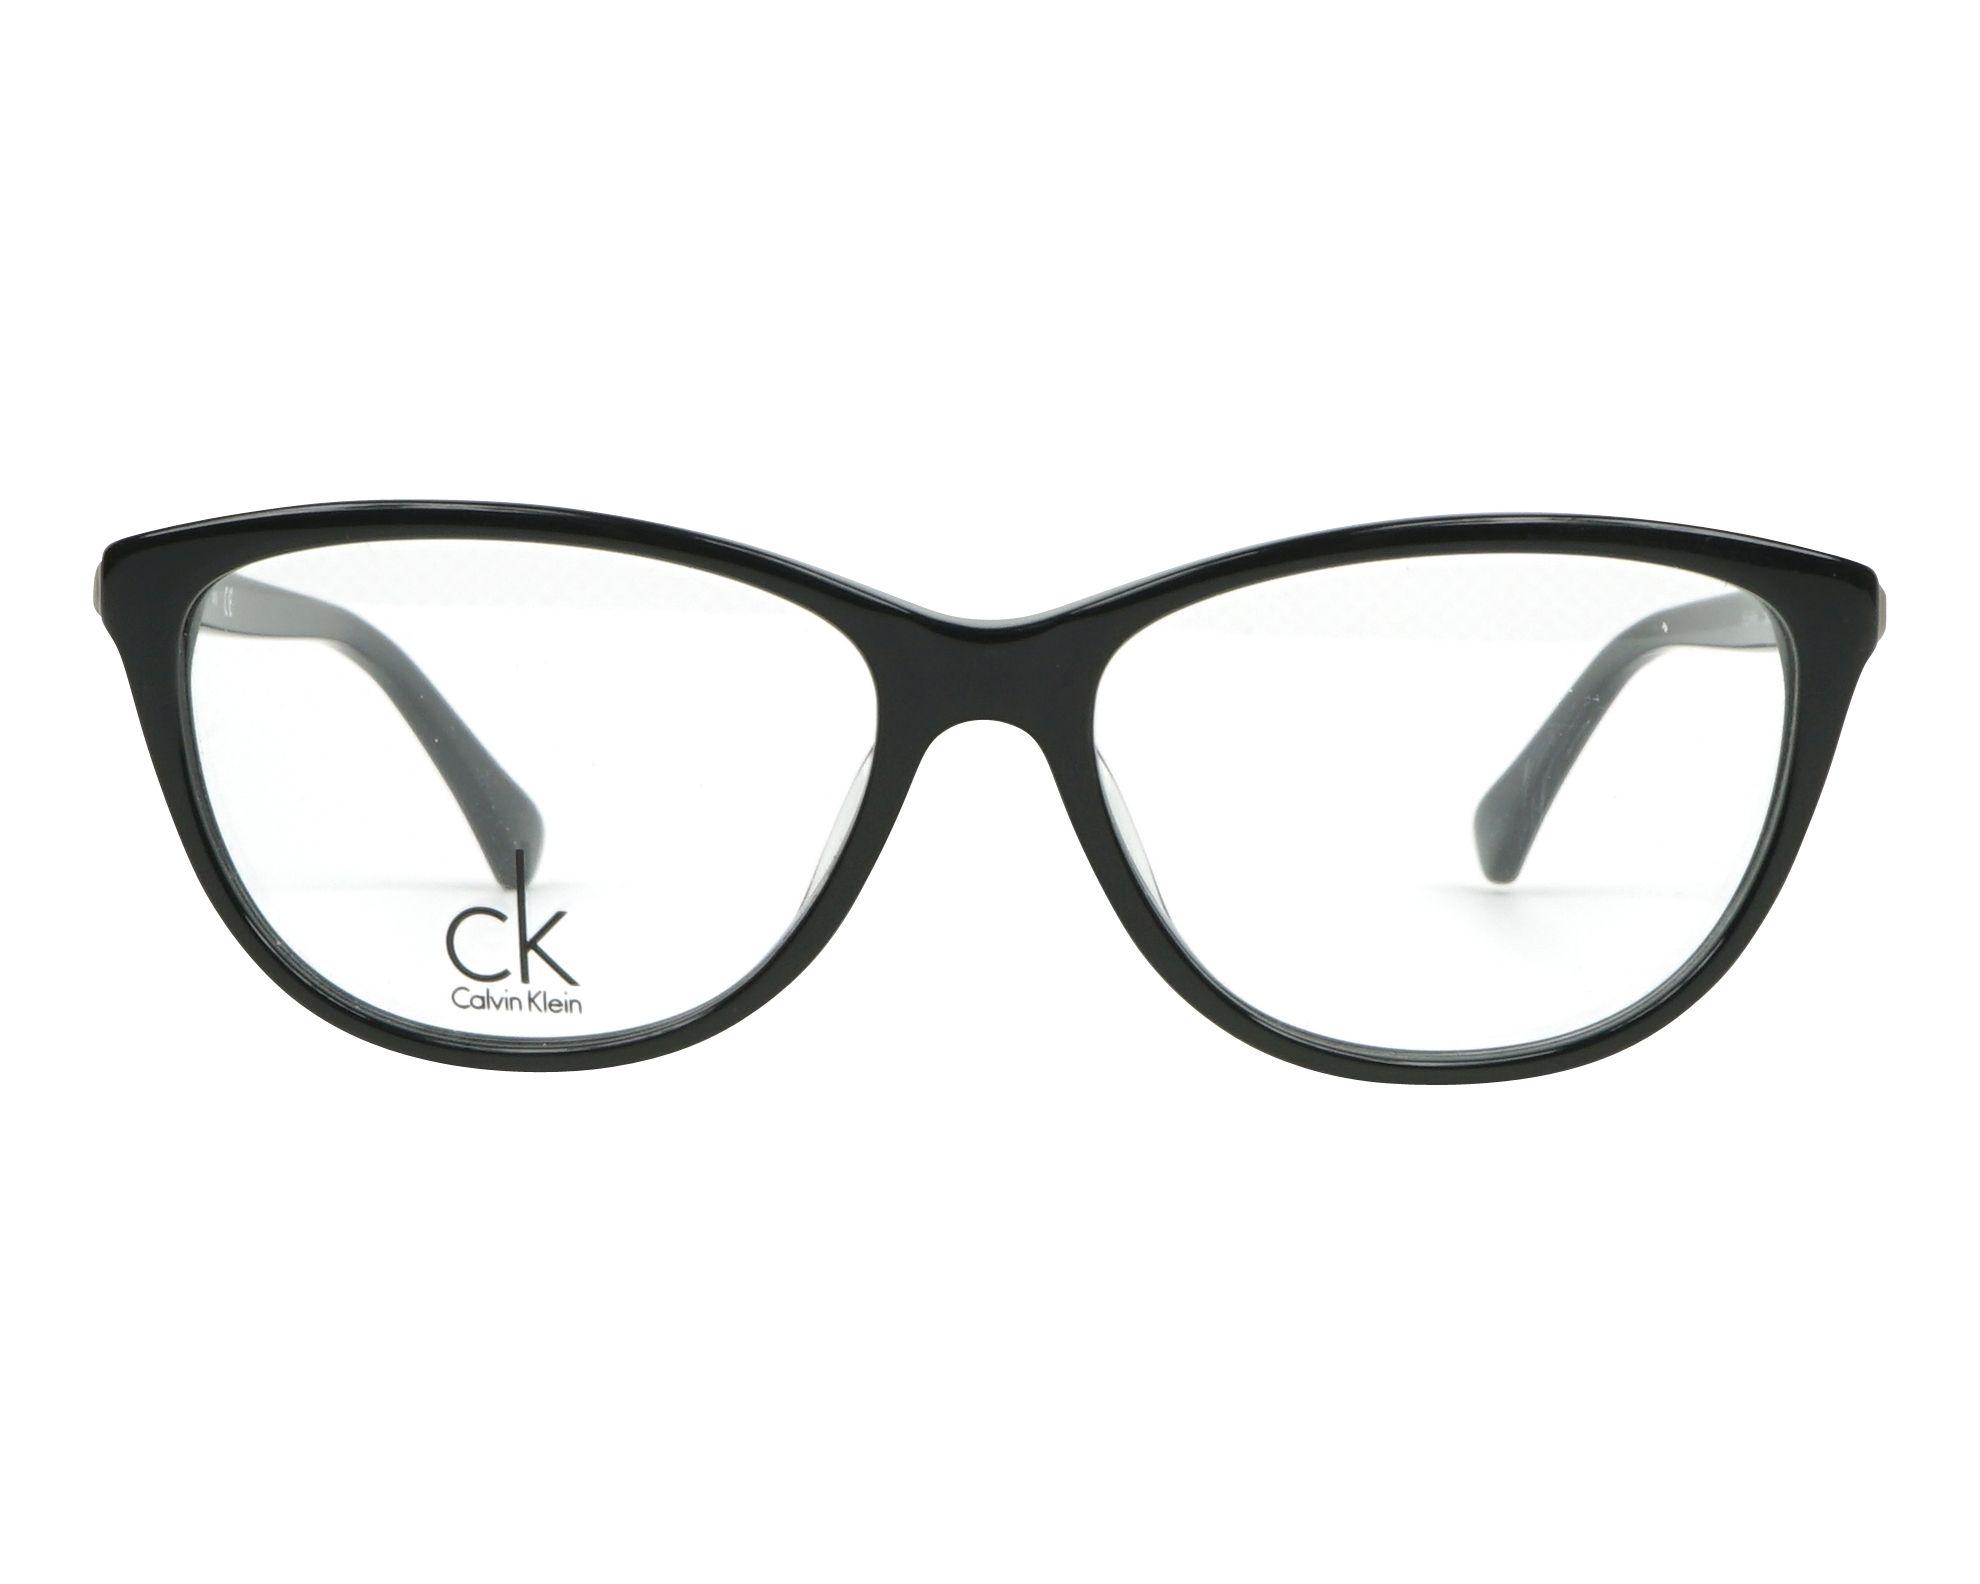 Outlet zu verkaufen riesige Auswahl an autorisierte Website Calvin Klein Brille CK-5814 001